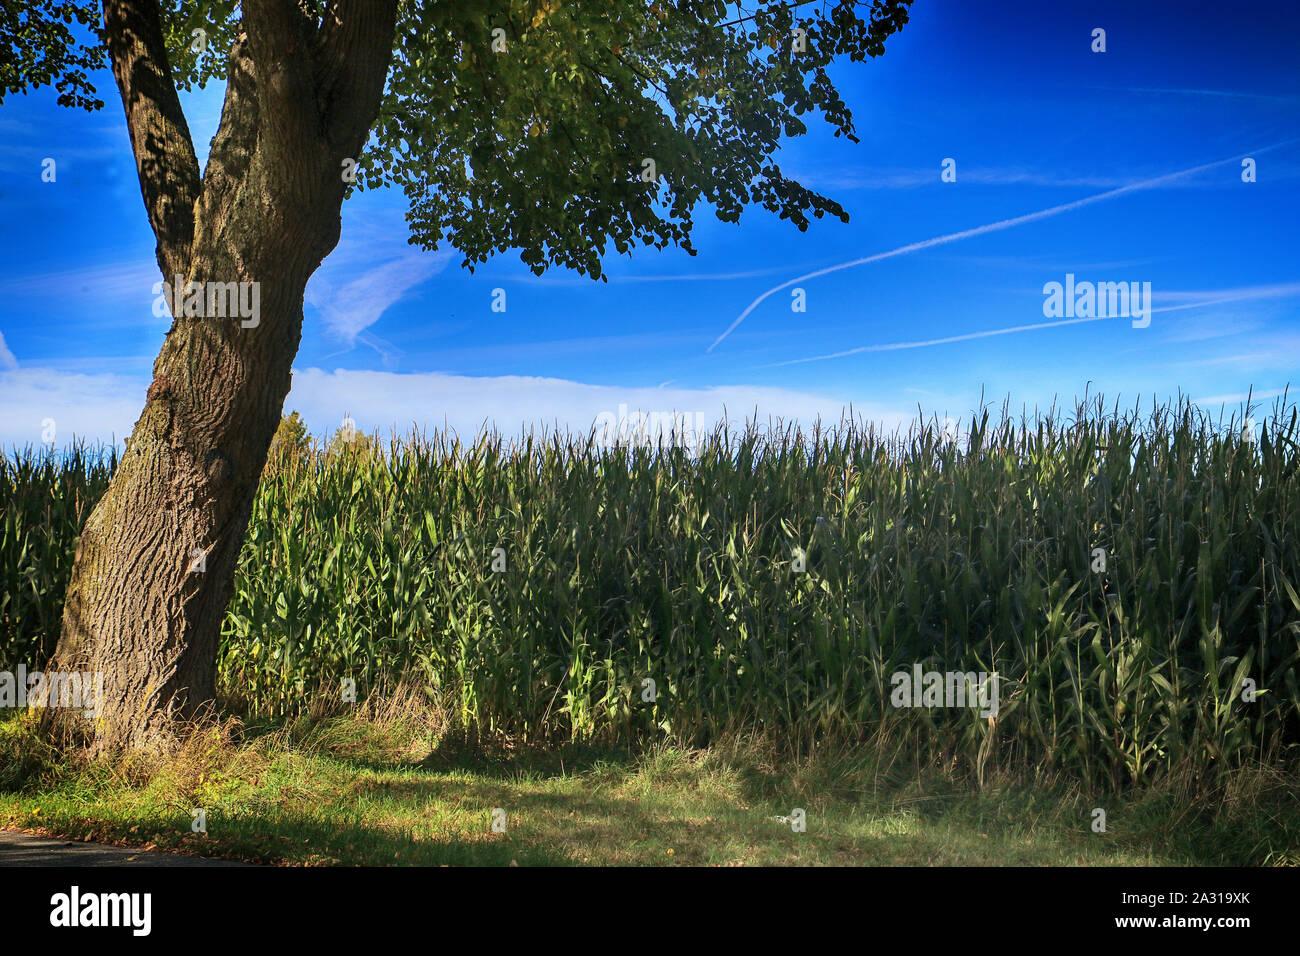 Paysage rural bavarois en été, ciel bleu, champ de maïs et des arbres Banque D'Images